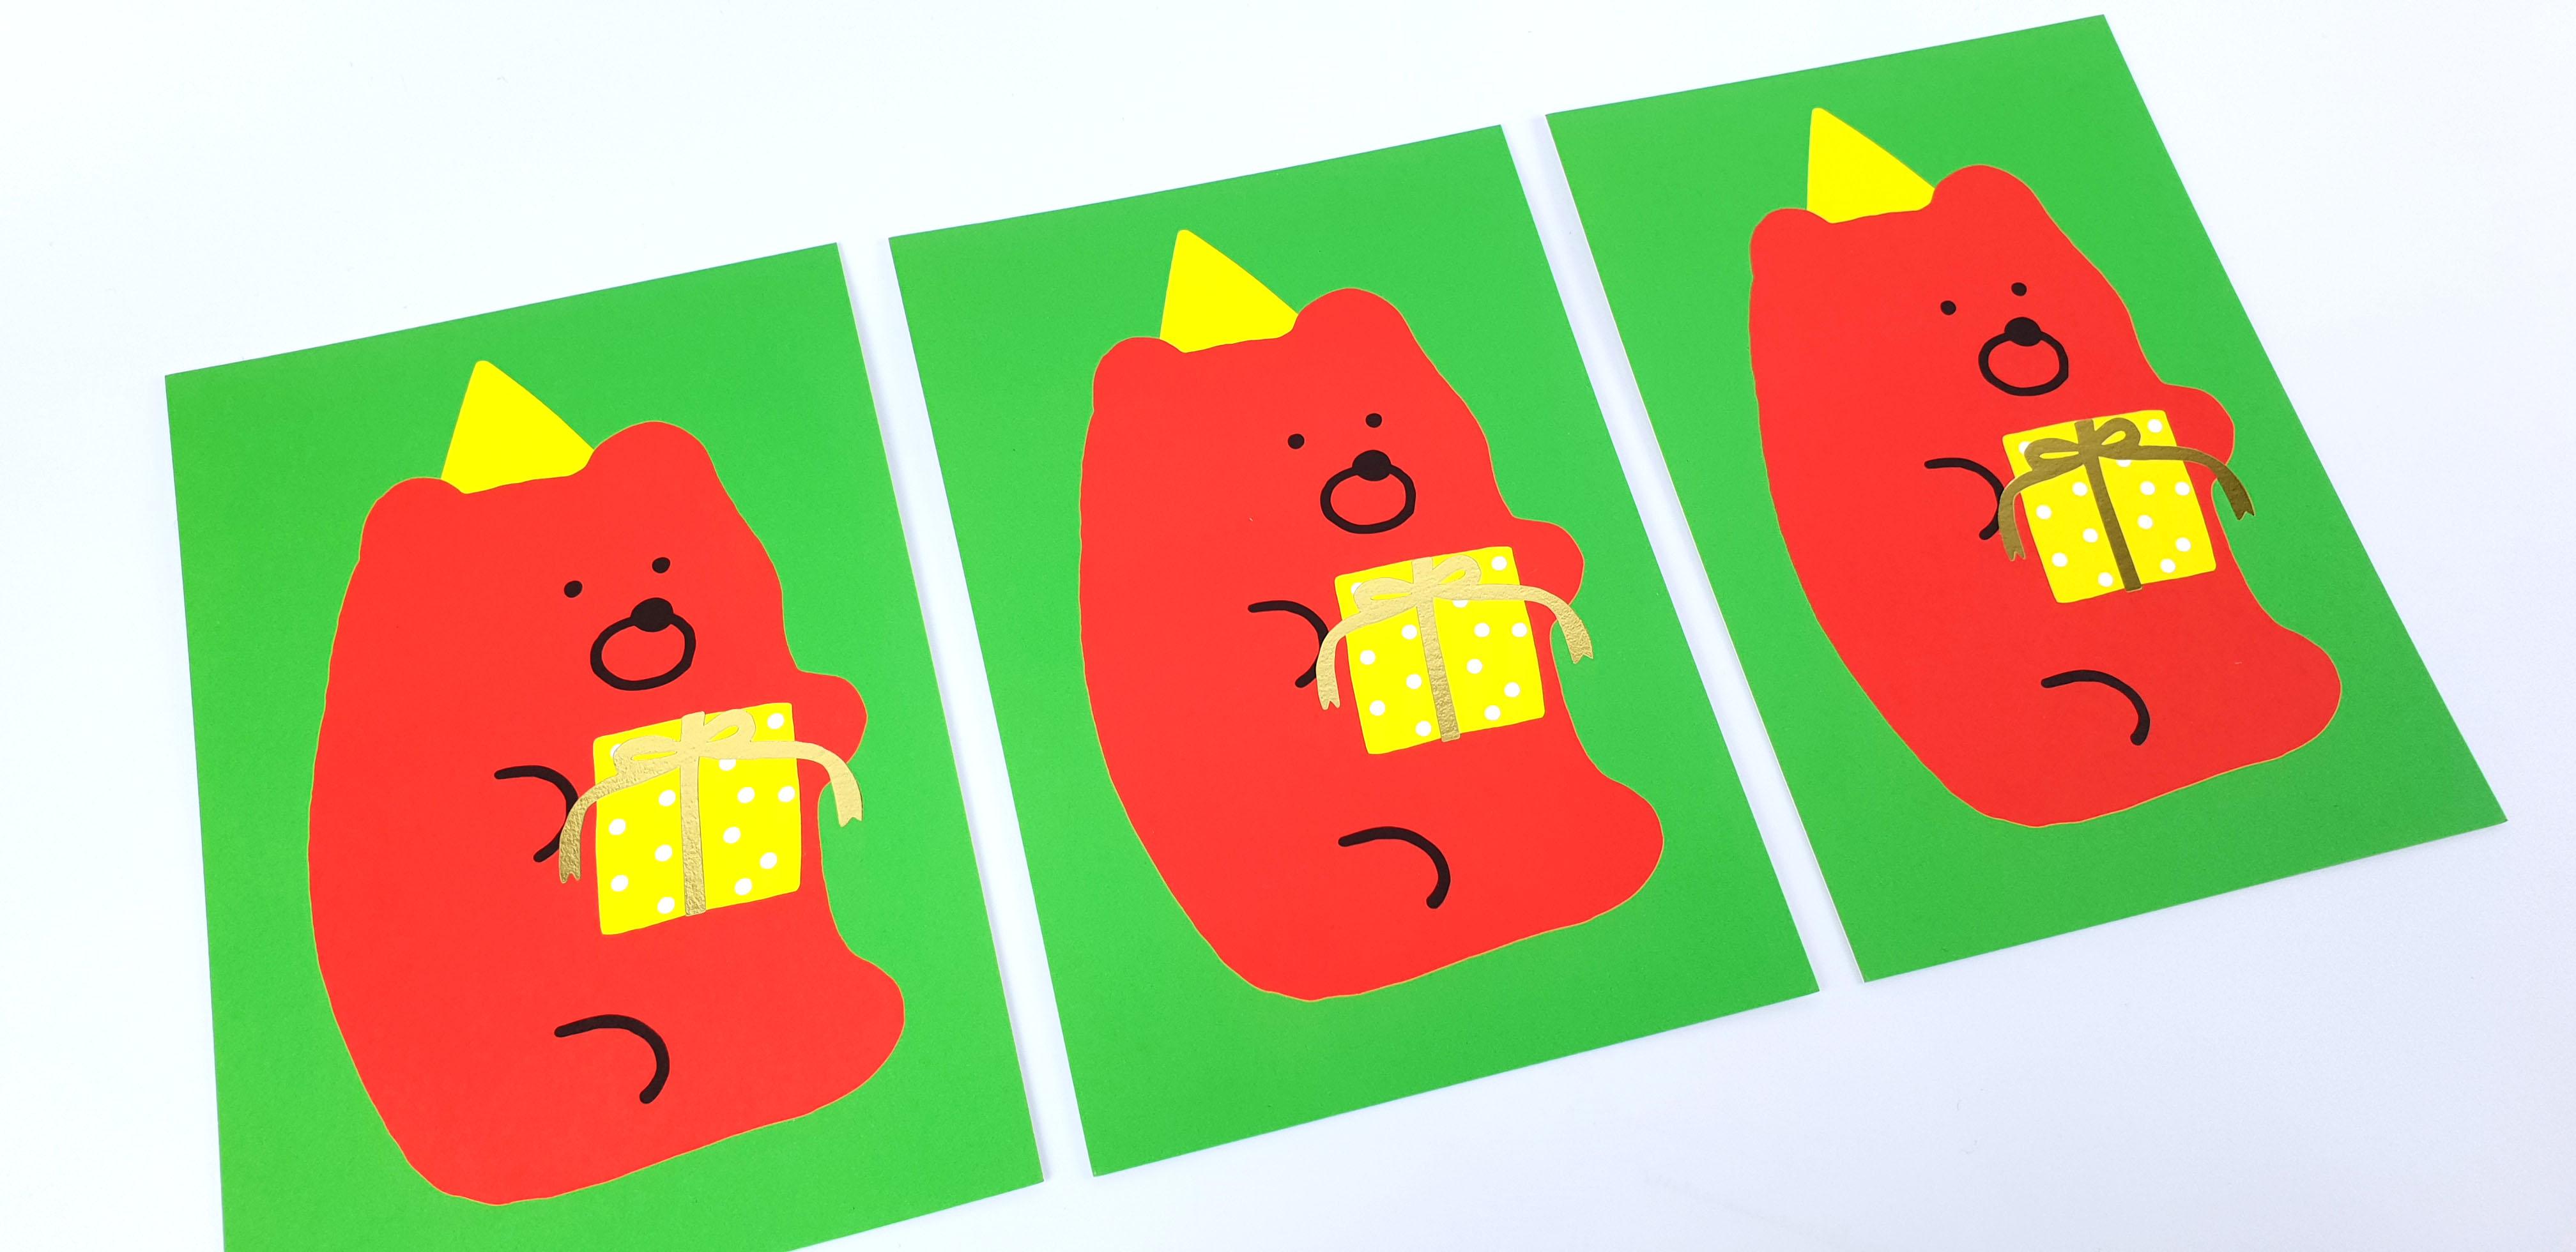 곰젤리 파티 엽서 - 크래커스토어, 3,000원, 카드, 크리스마스 카드